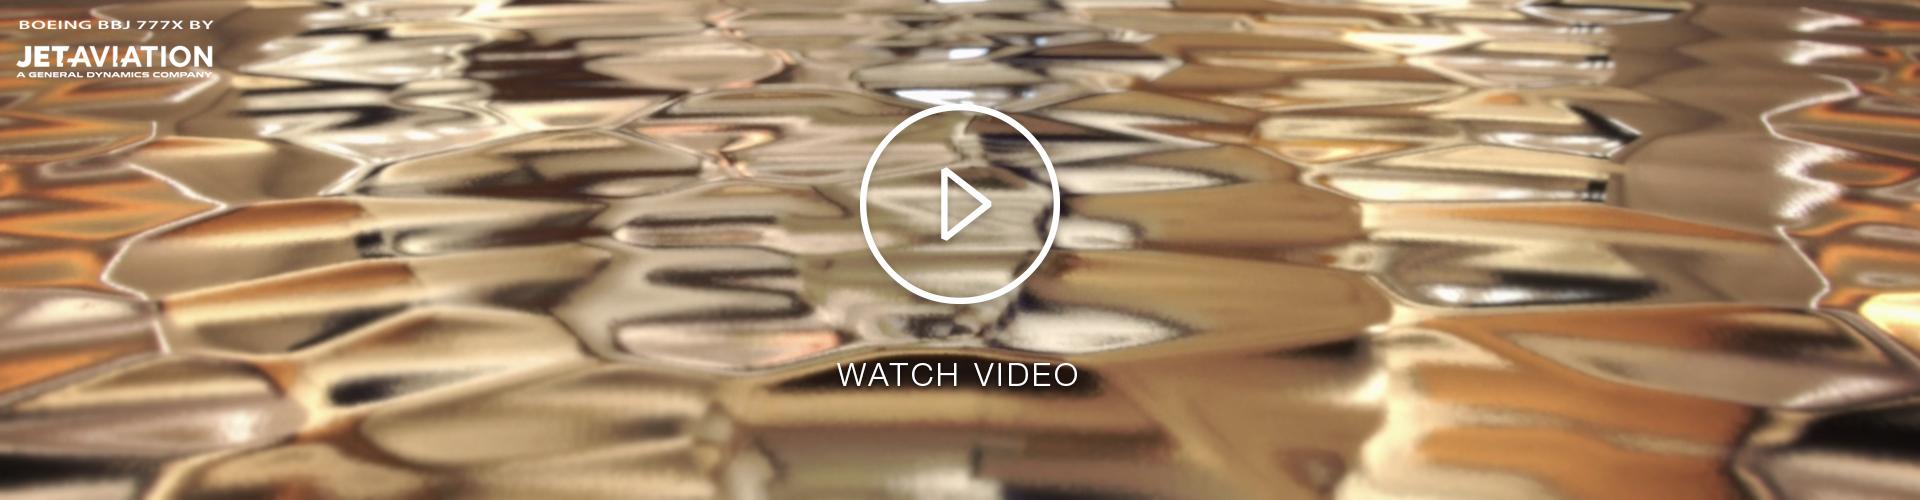 JA Shaheen video-banner